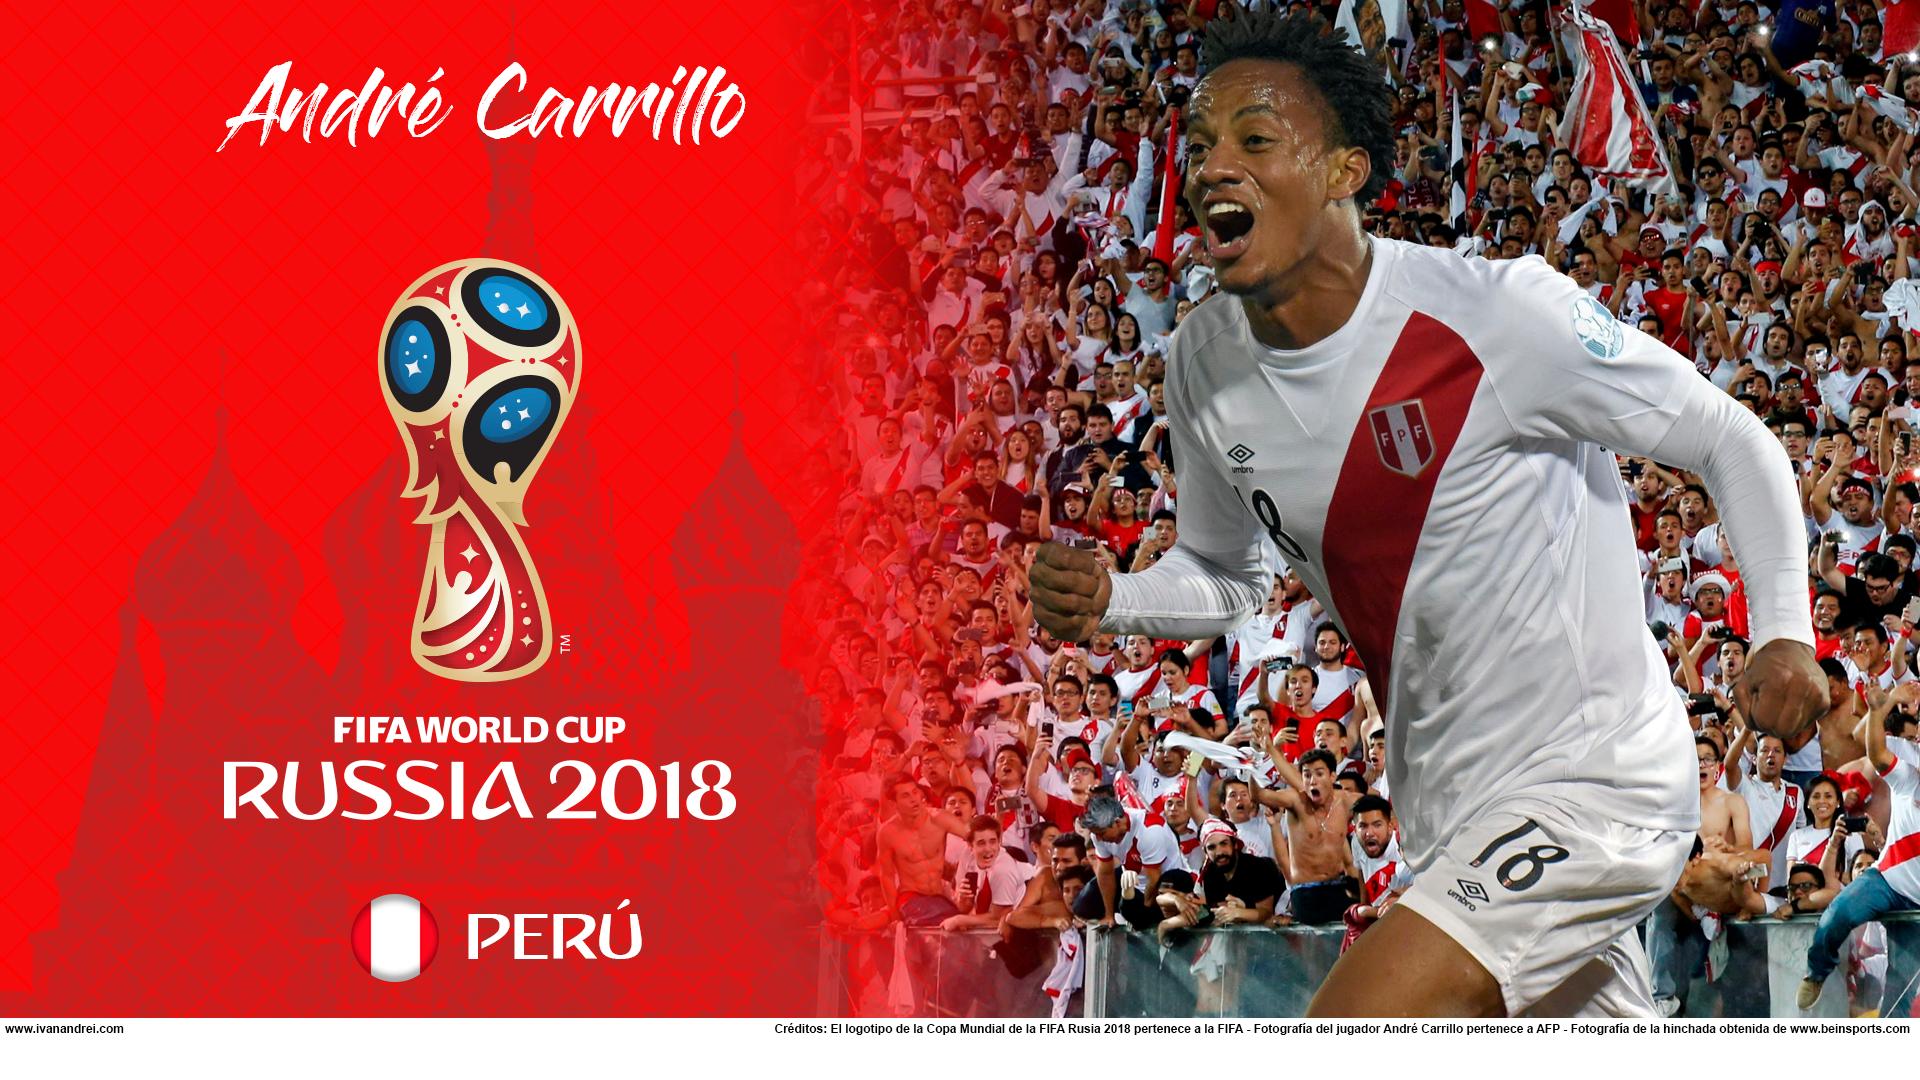 Wallpaper de André Carrillo de Perú para la Copa Mundial de la FIFA - Rusia 2018 - Edición para PC (1920x1080)